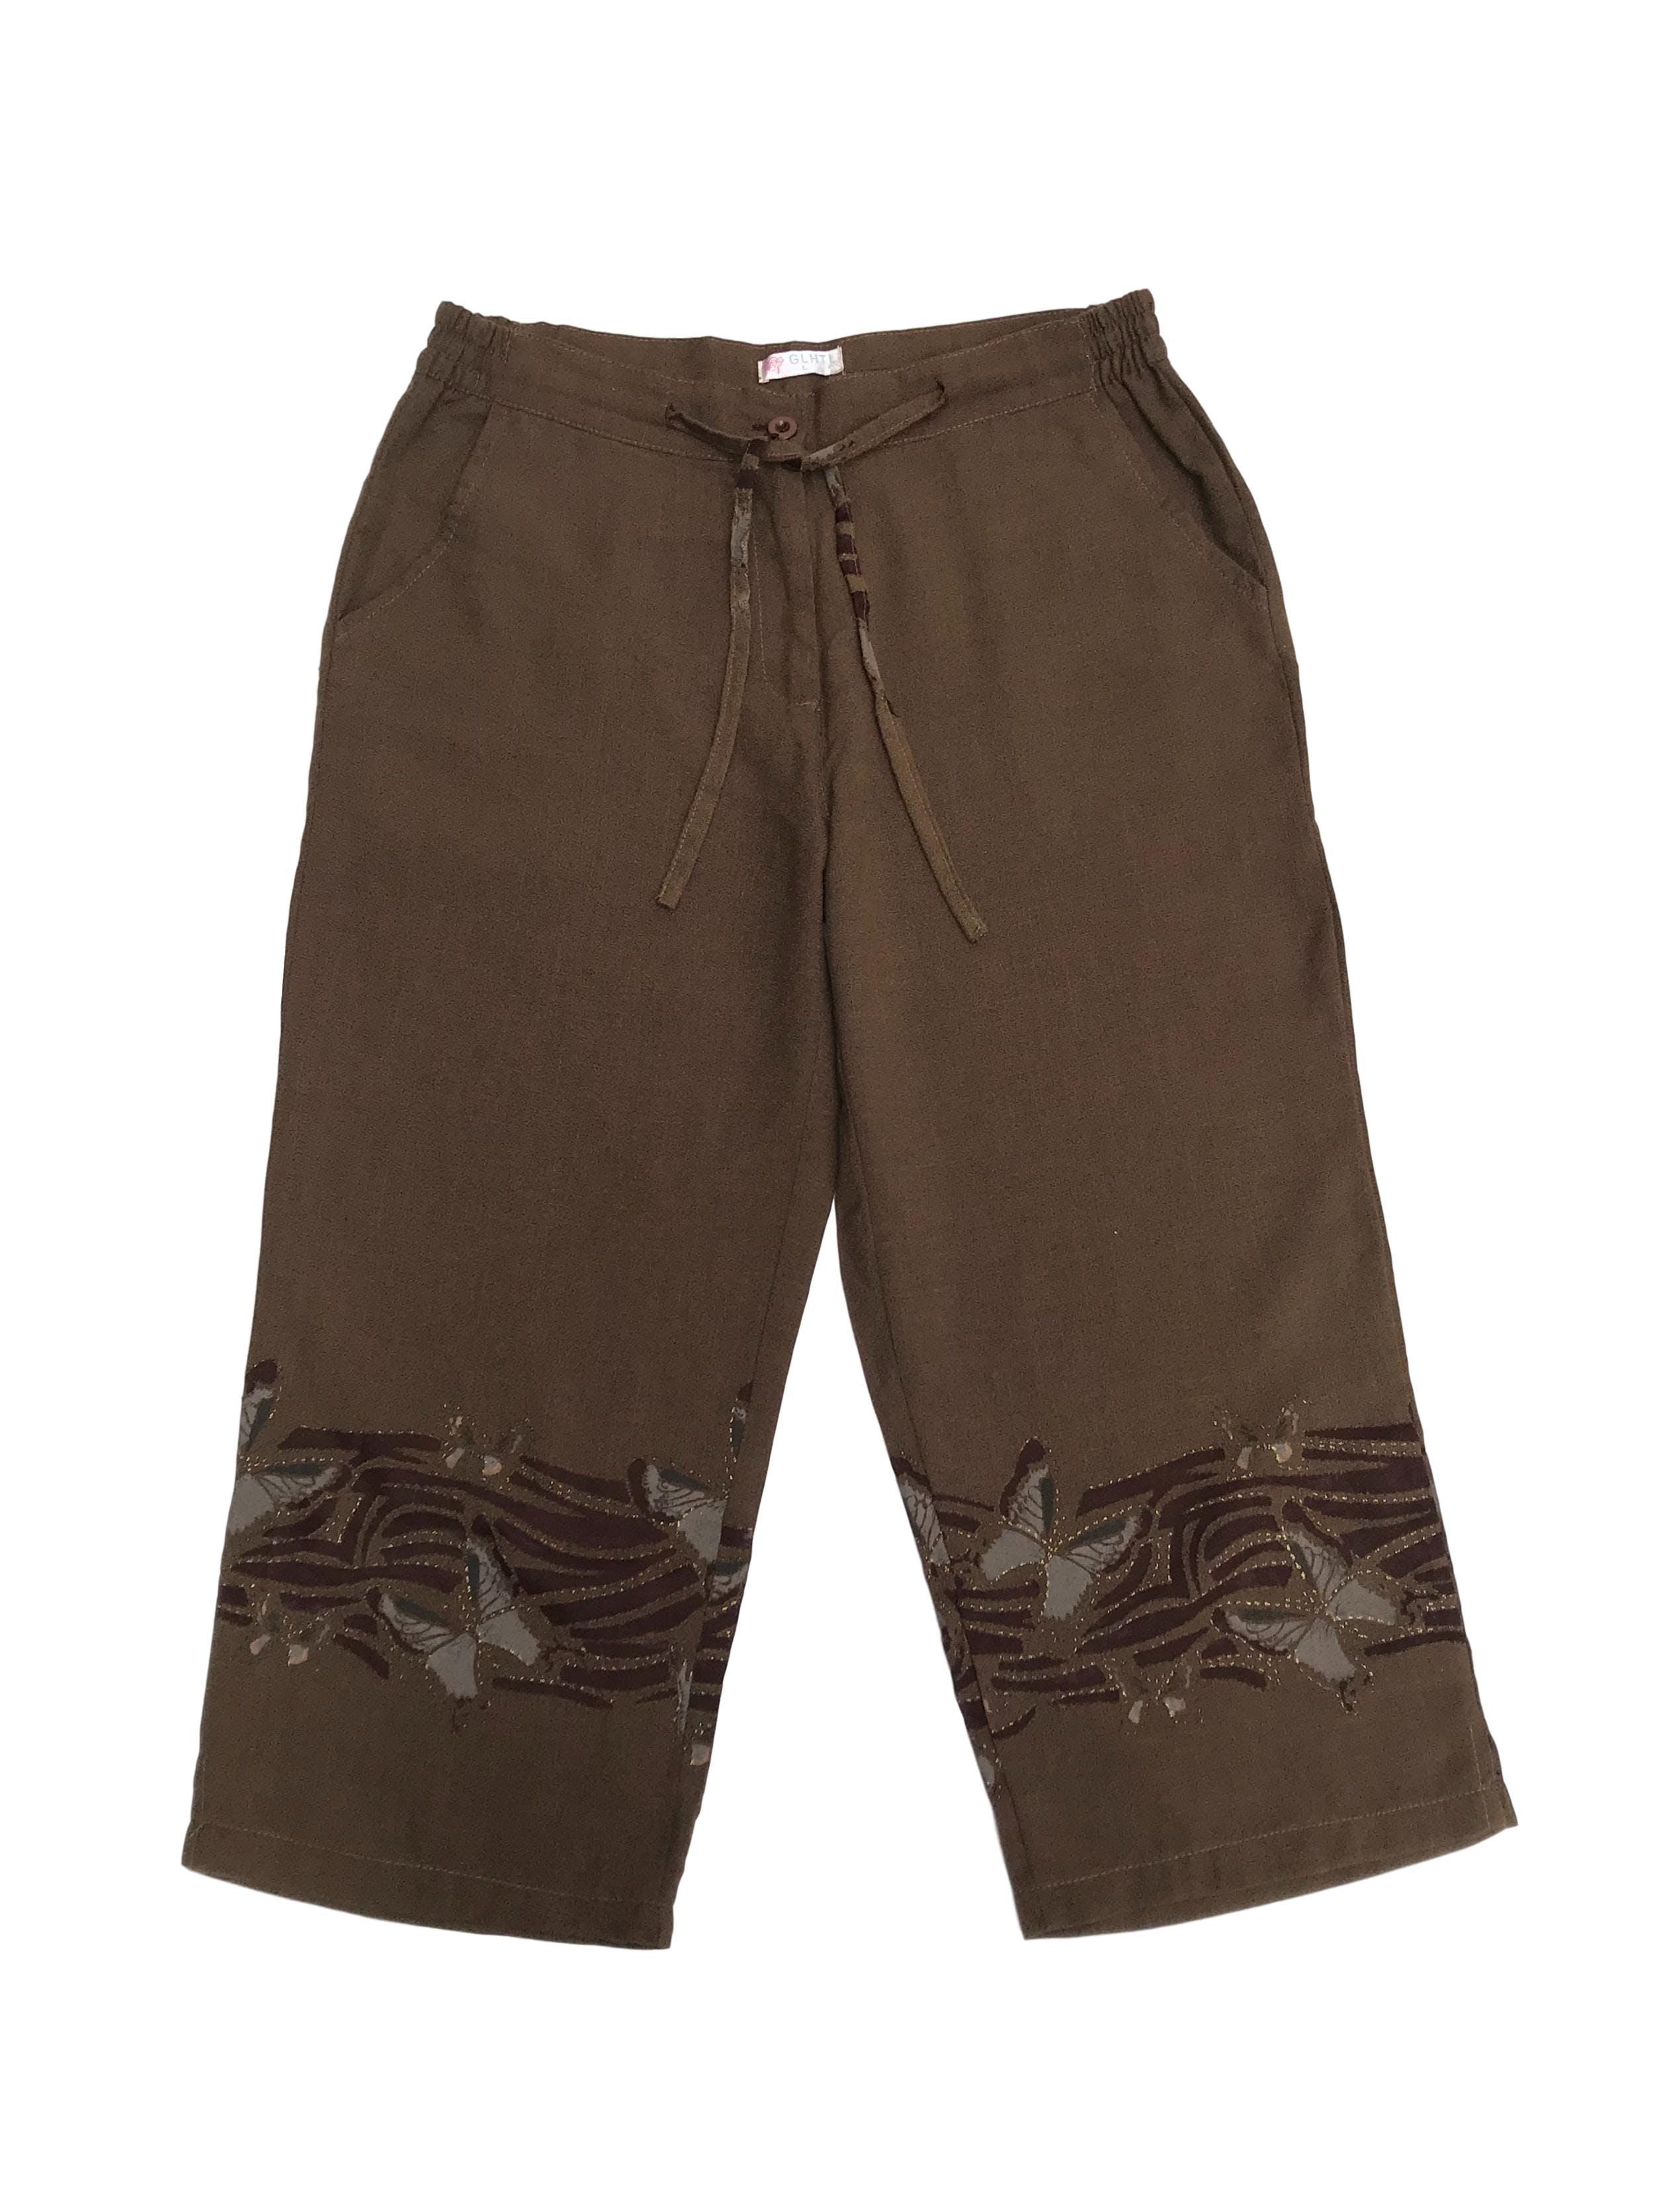 Pantalón capri de pierna ancha marrón, cintura regulable y bolsillos laterales, con estampado en la basta. Cintura 77cm Largo 79cm